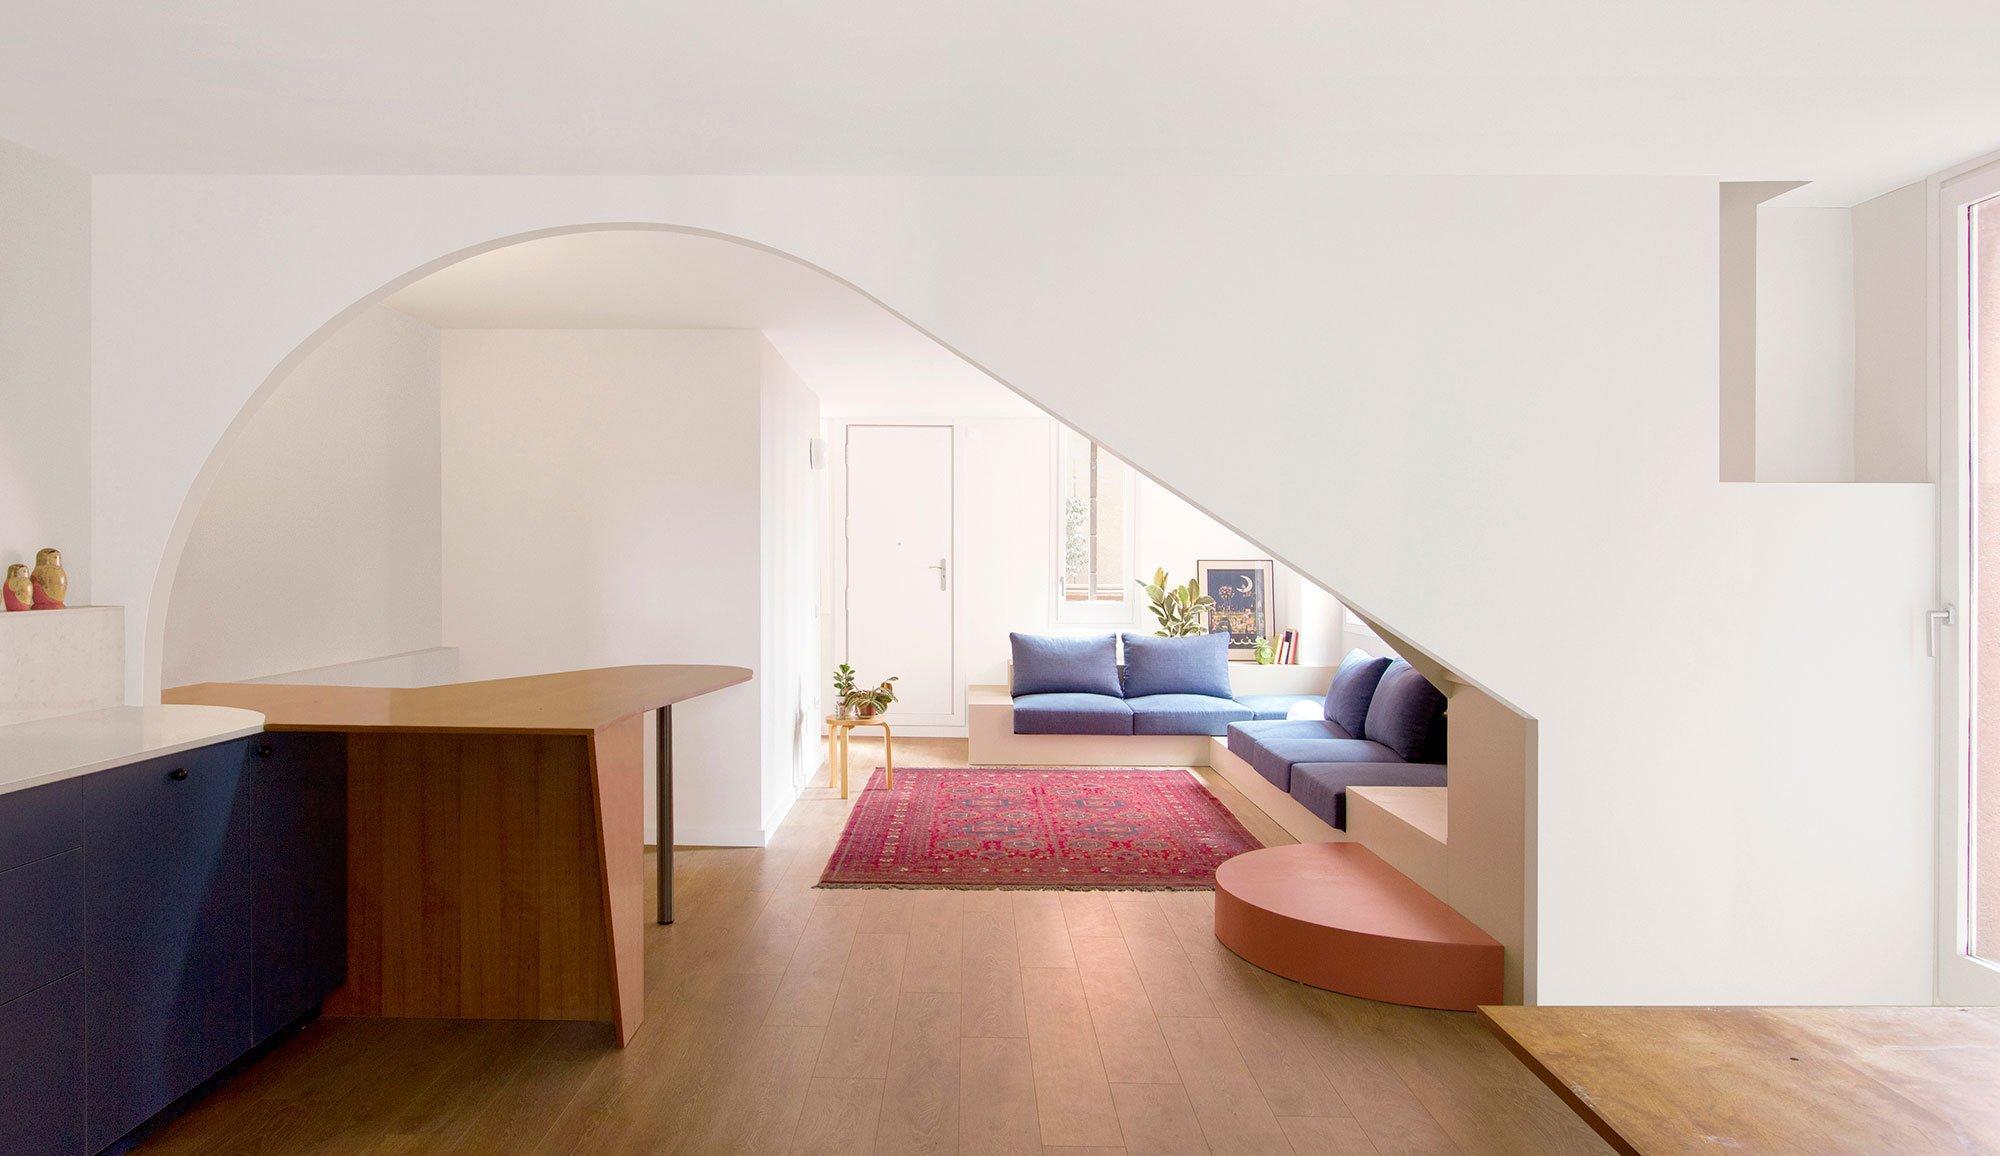 Das spanische Büro Bonell+Dòriga gestaltete ein Apartment in Ricardo Bofills Walden 7, dessen Interieur die Architektursprache des Bofill-Baus gekonnt zitiert.